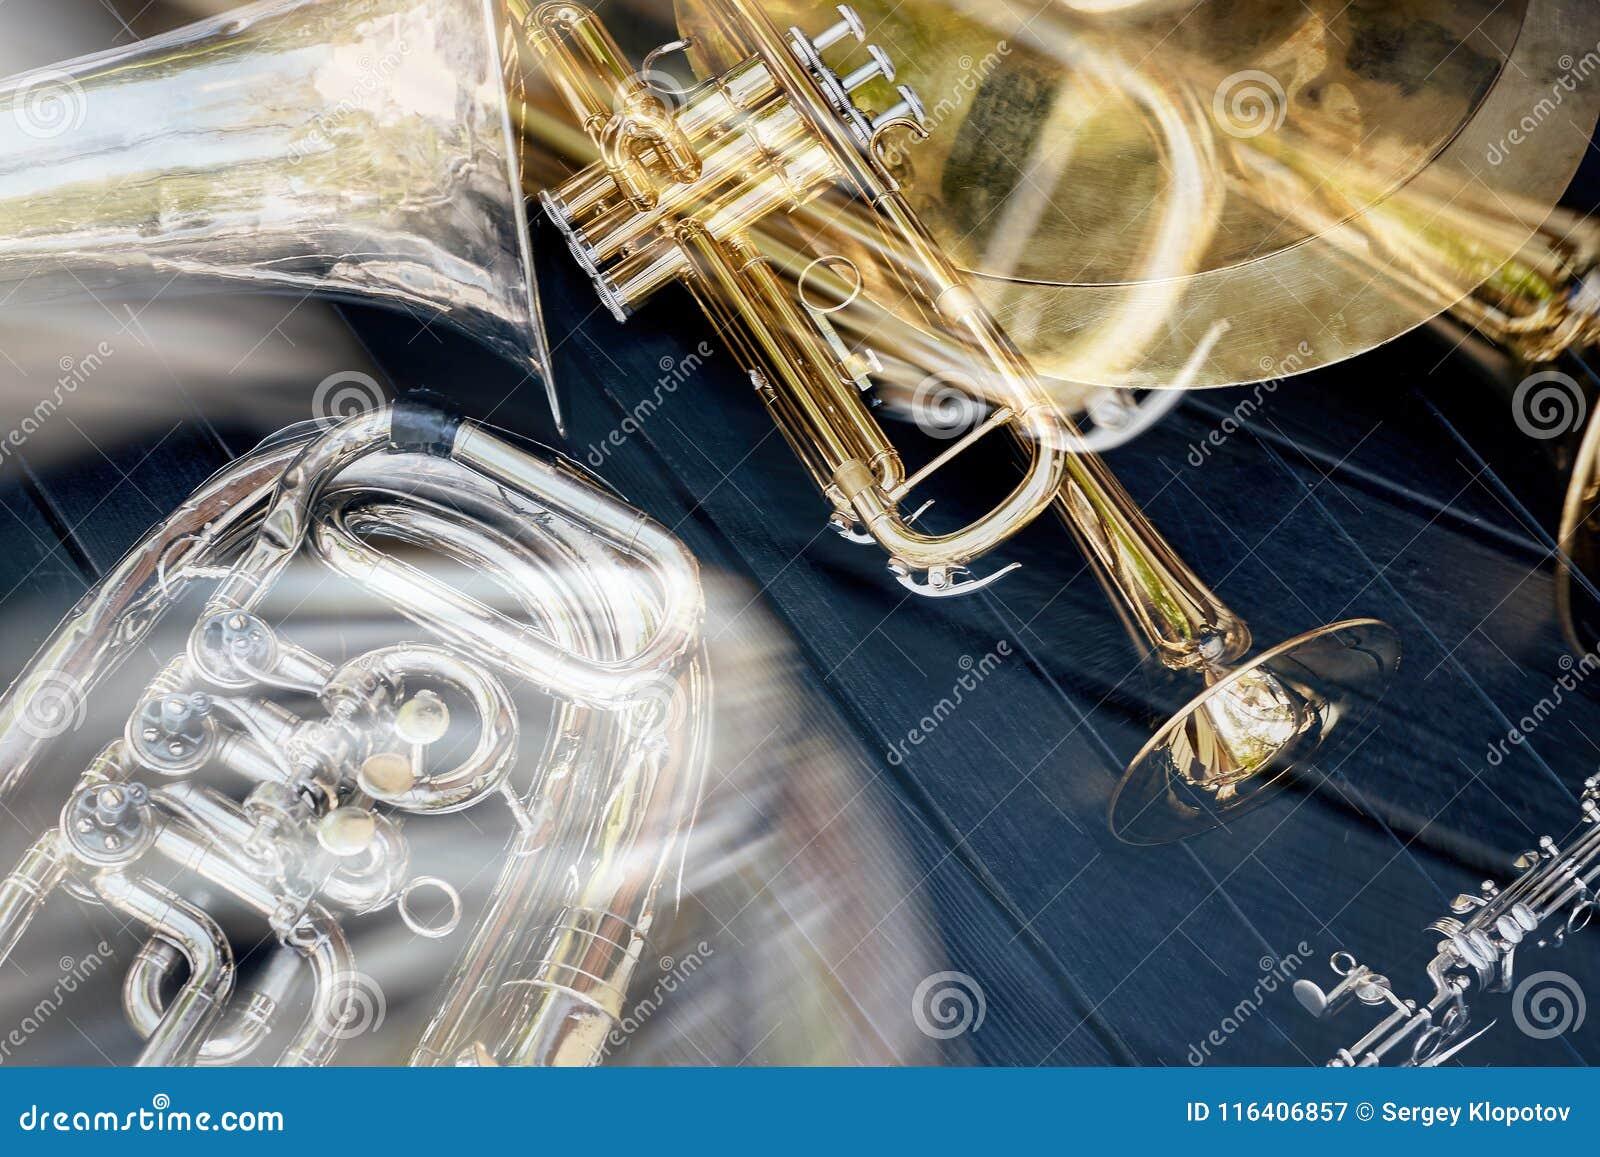 La orquesta musical de varios instrumentoes de viento toca la trompeta, las placas, cla